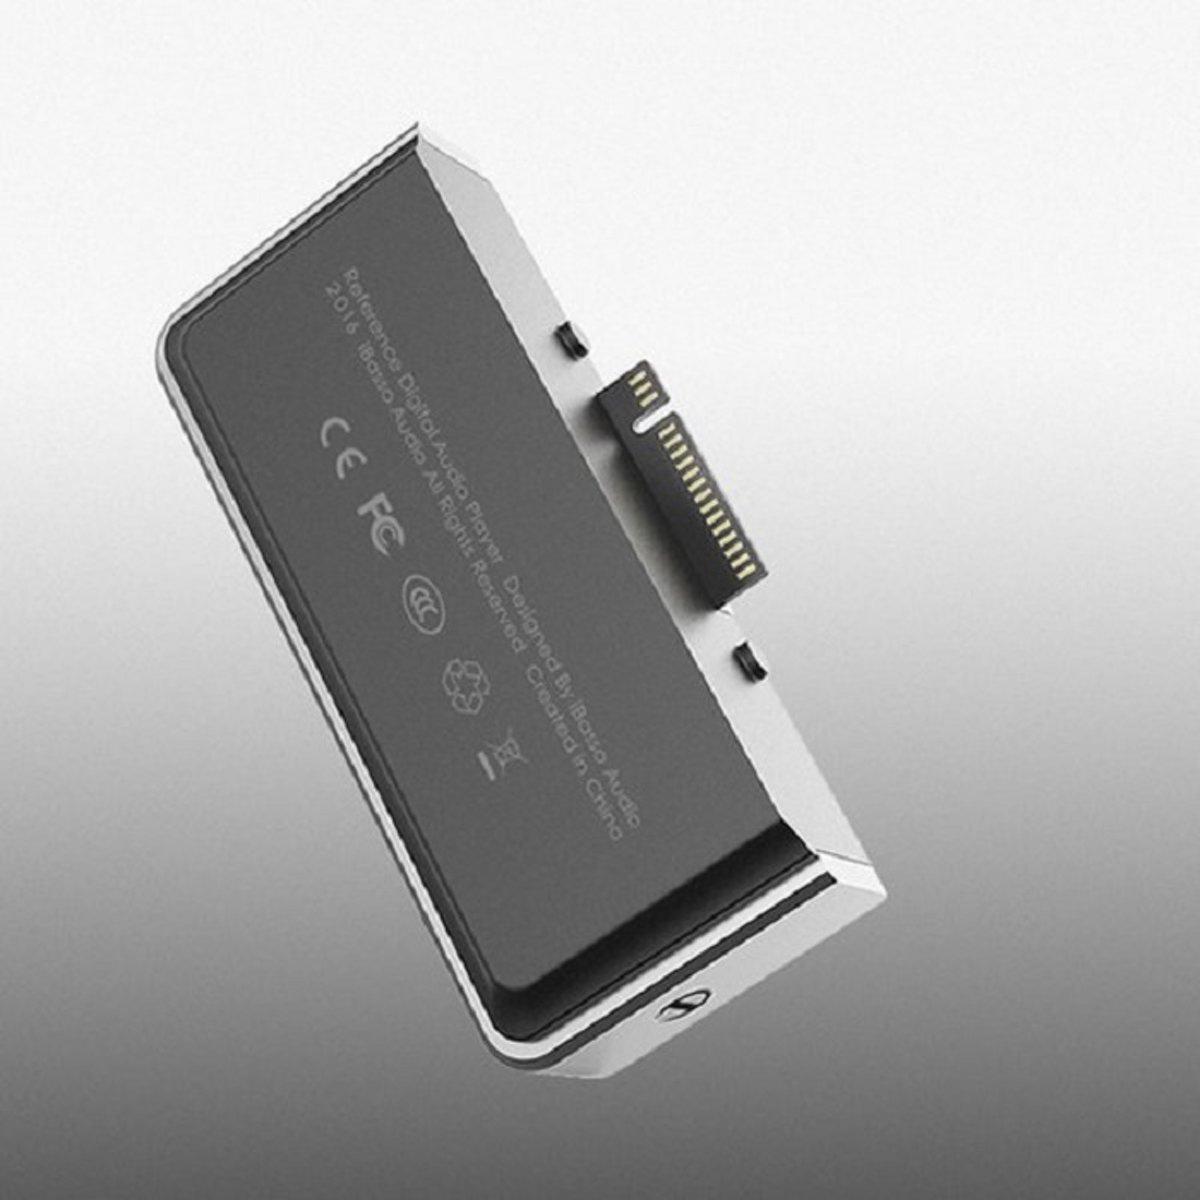 iBasso AMP5 Hoogspannings- en stroomversterkermodule voor iBasso DX200 kopen